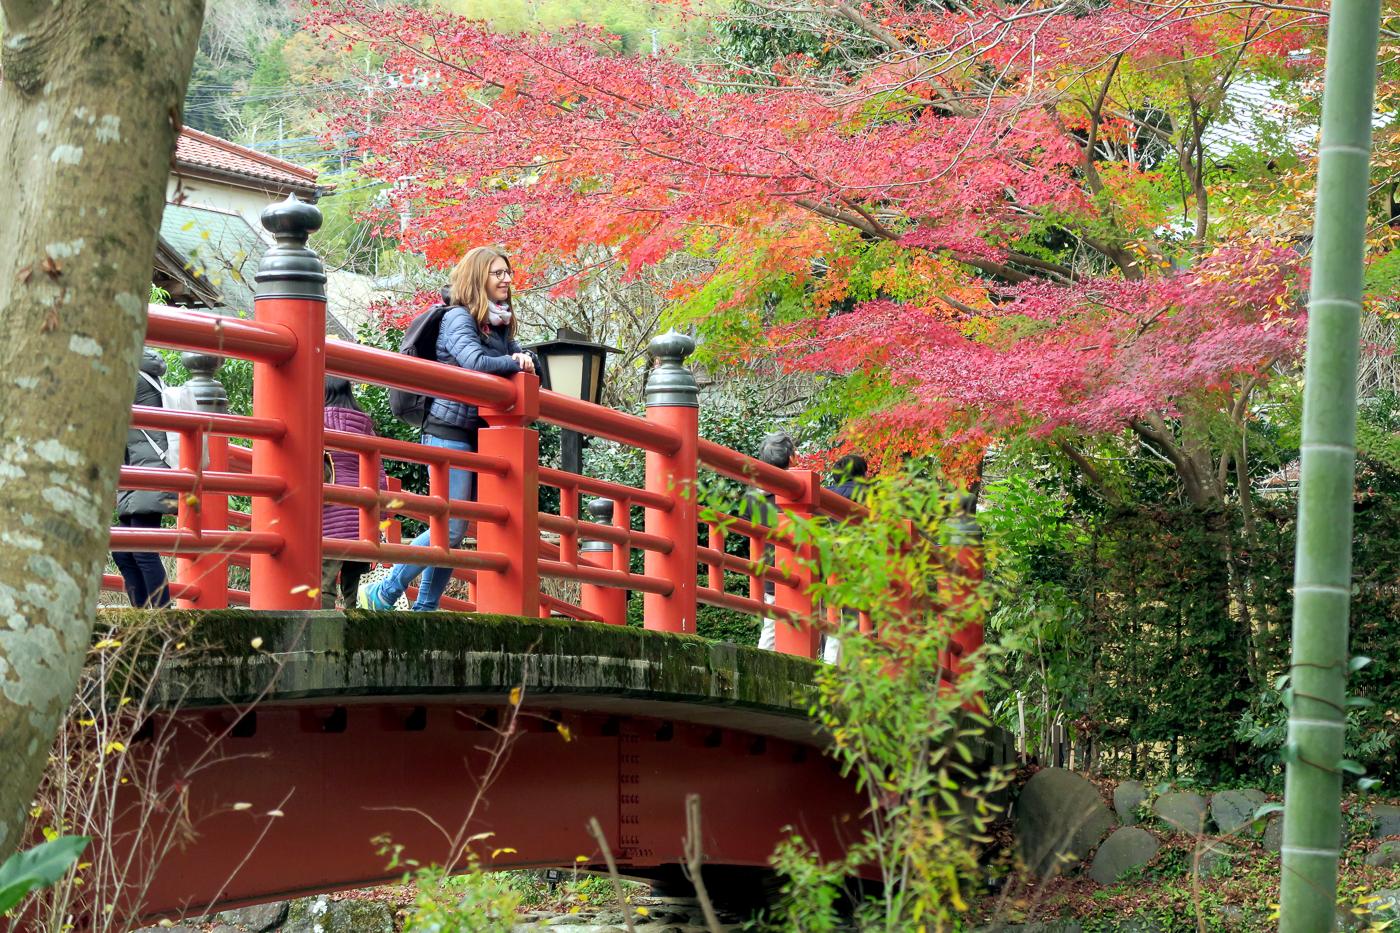 Voyage pour les momiji au Japon en automne - Fille sur pont rouge